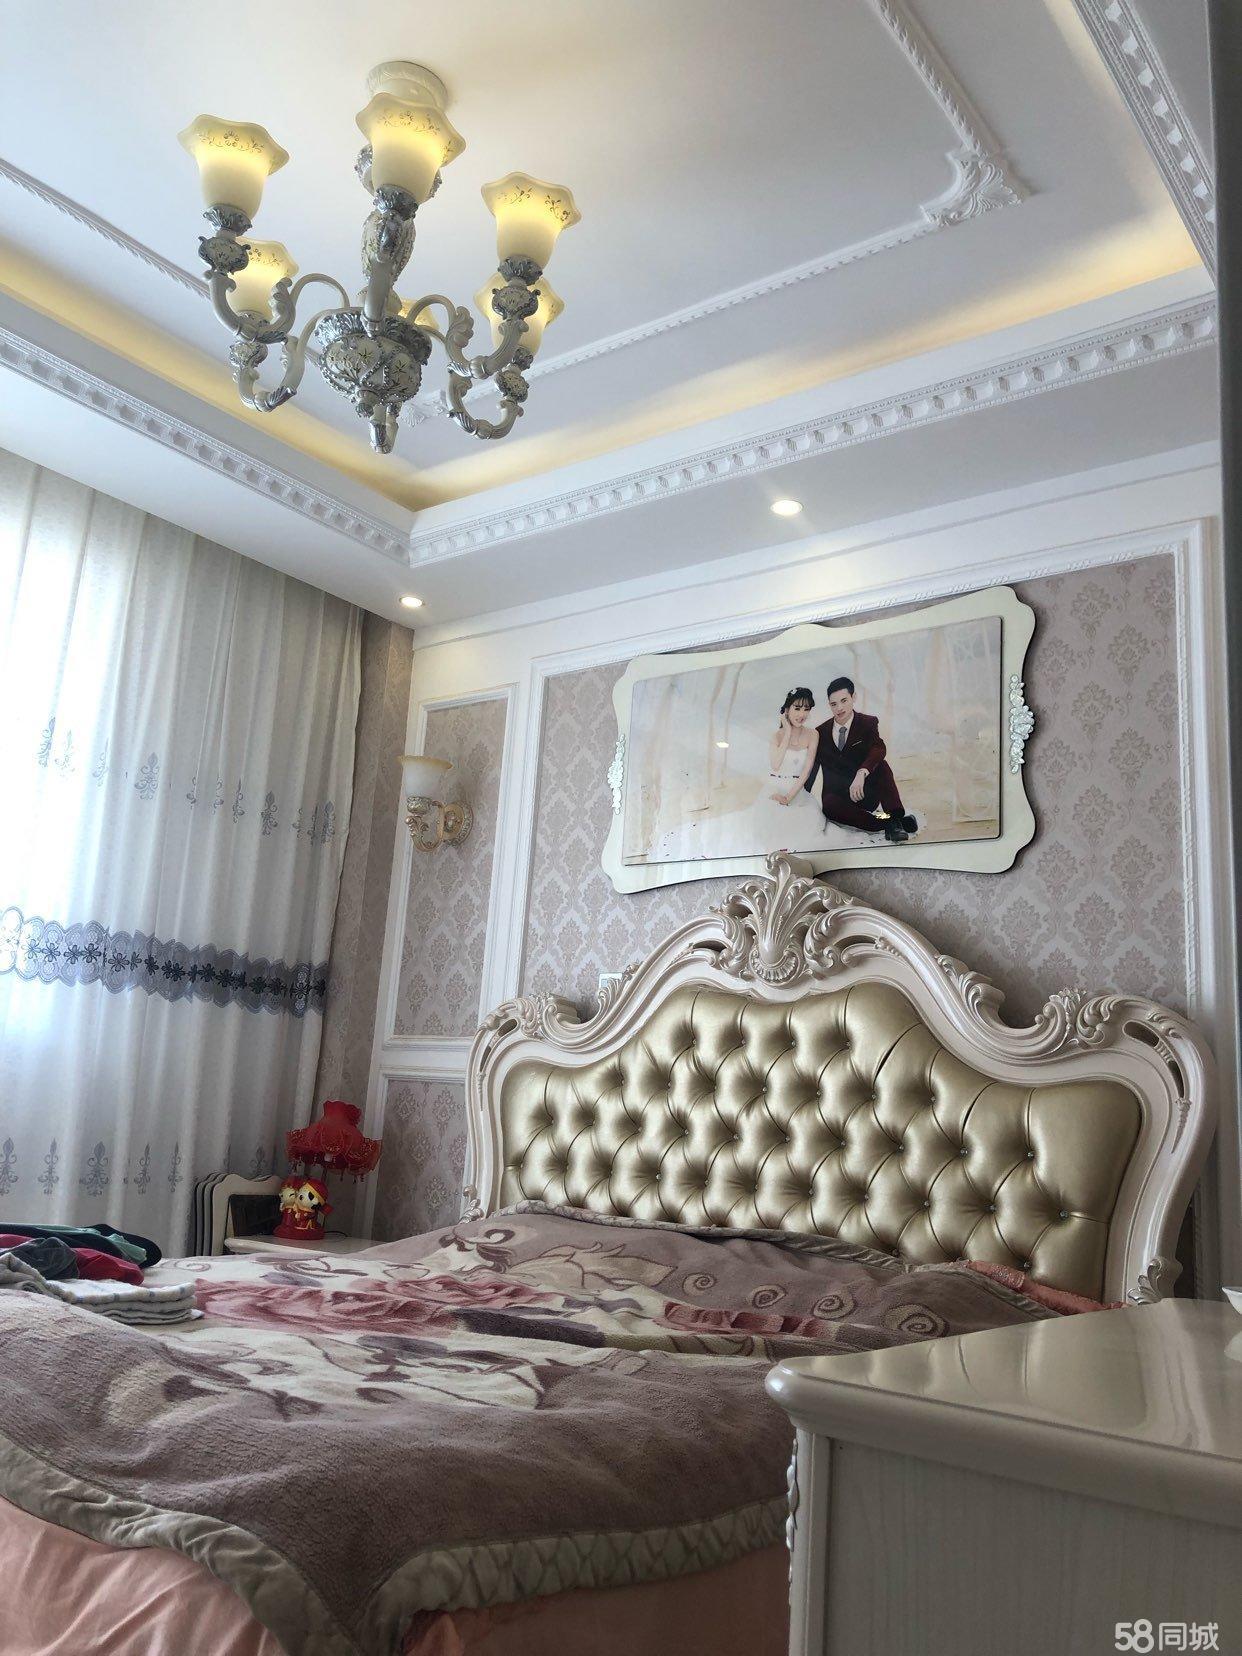 豪华婚房低价出售,包家具家电